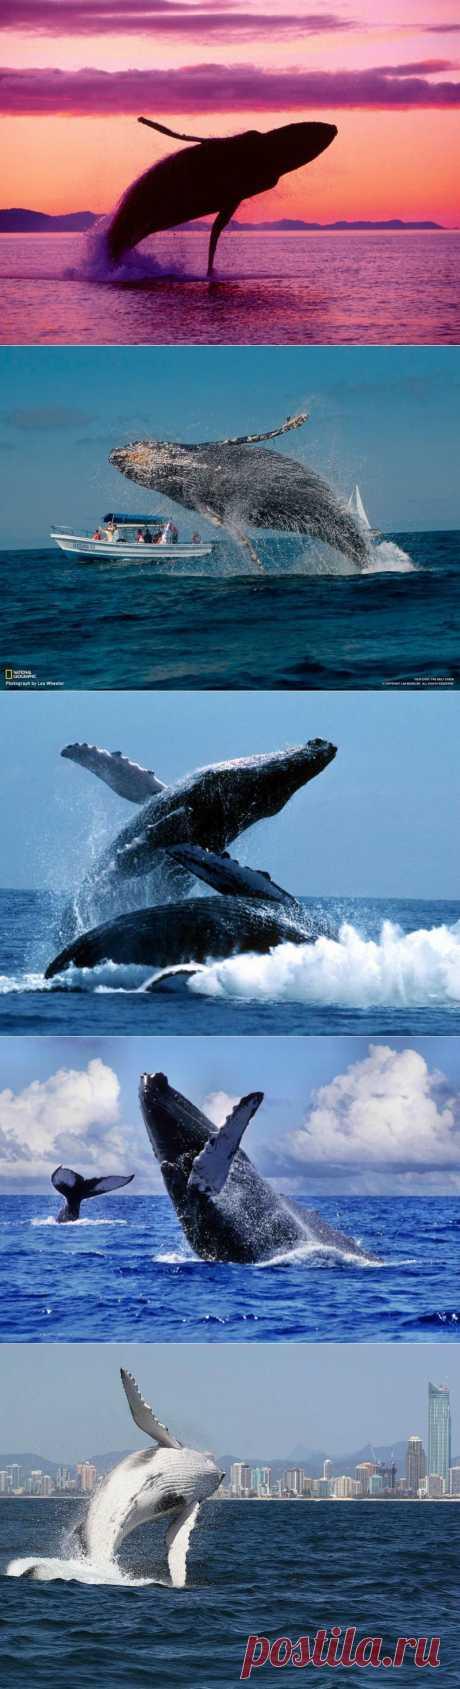 Прыжки горбатых китов : НОВОСТИ В ФОТОГРАФИЯХ